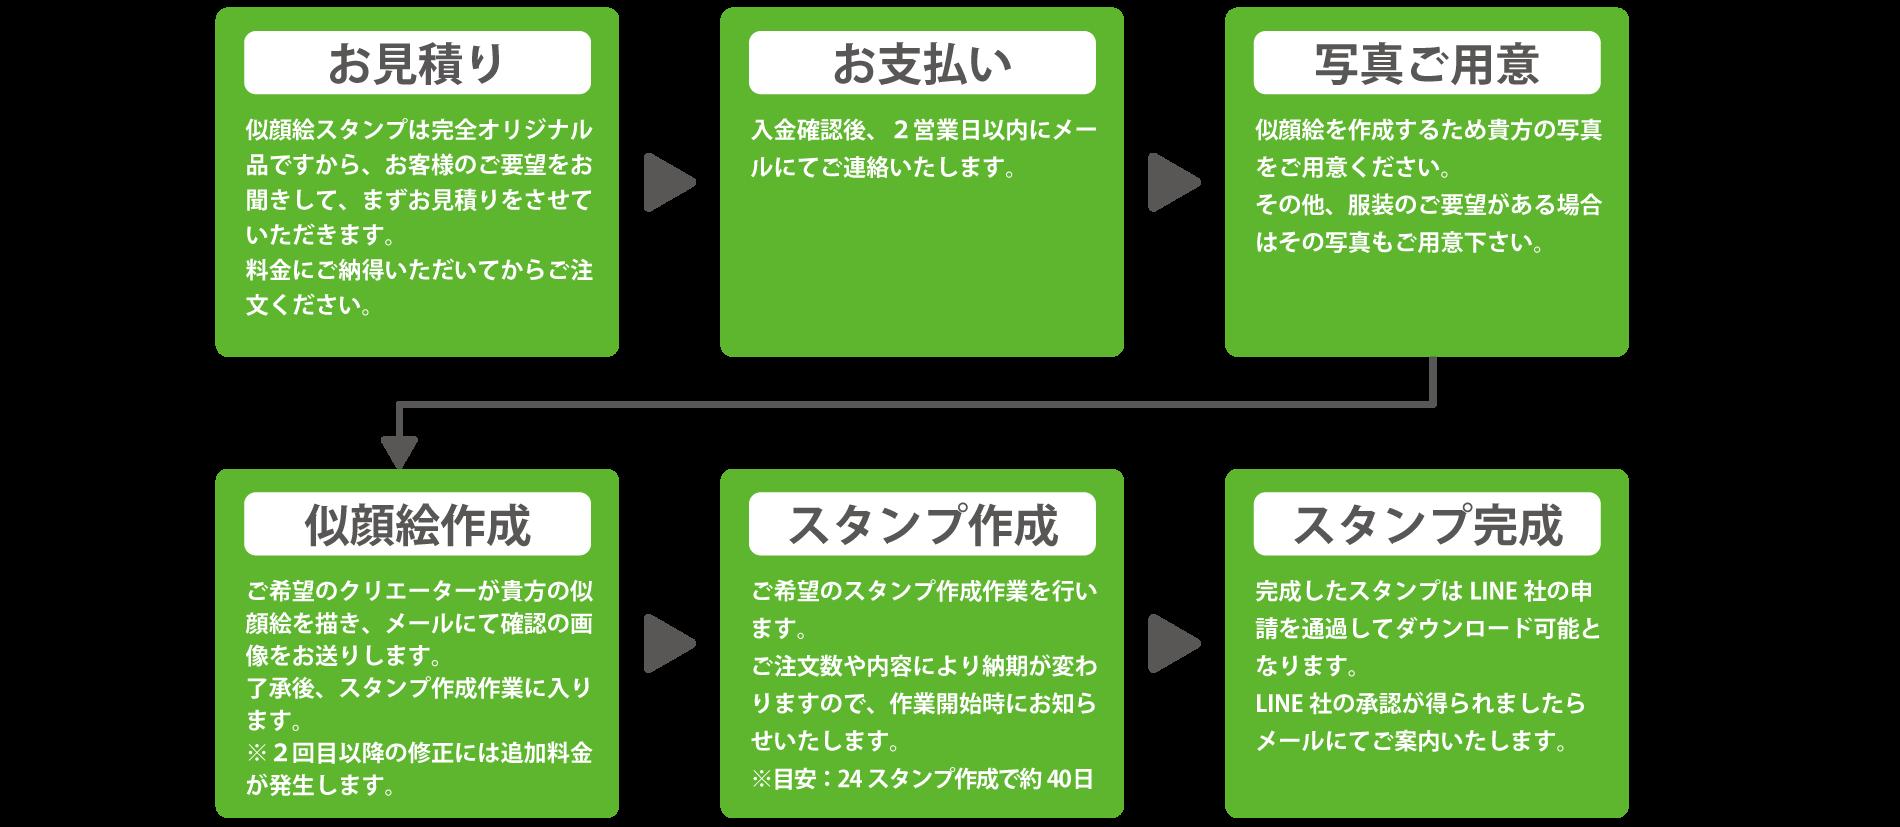 ご注文の流れ お見積り→お支払い→お写真ご用意→似顔絵作成→スタンプ作成→スタンプ完成